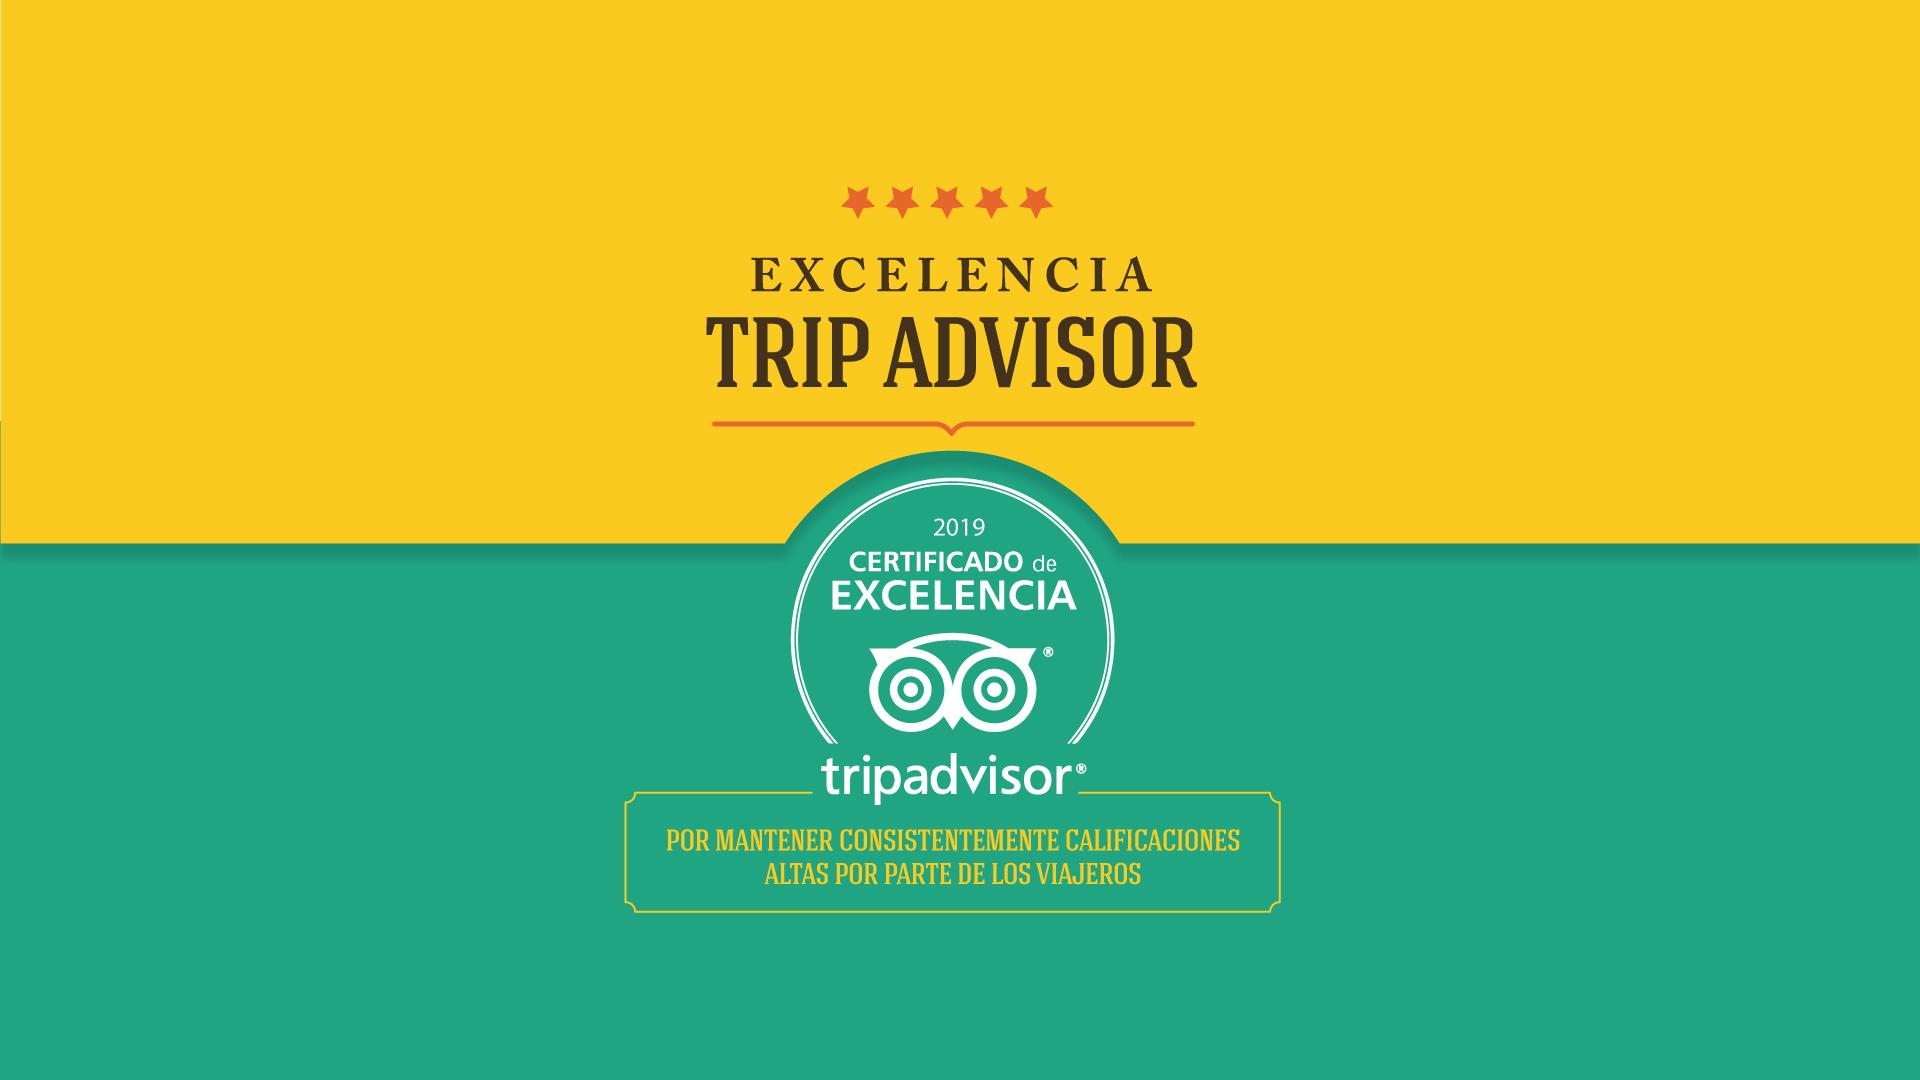 http://maguay.com.ar/es/turismo